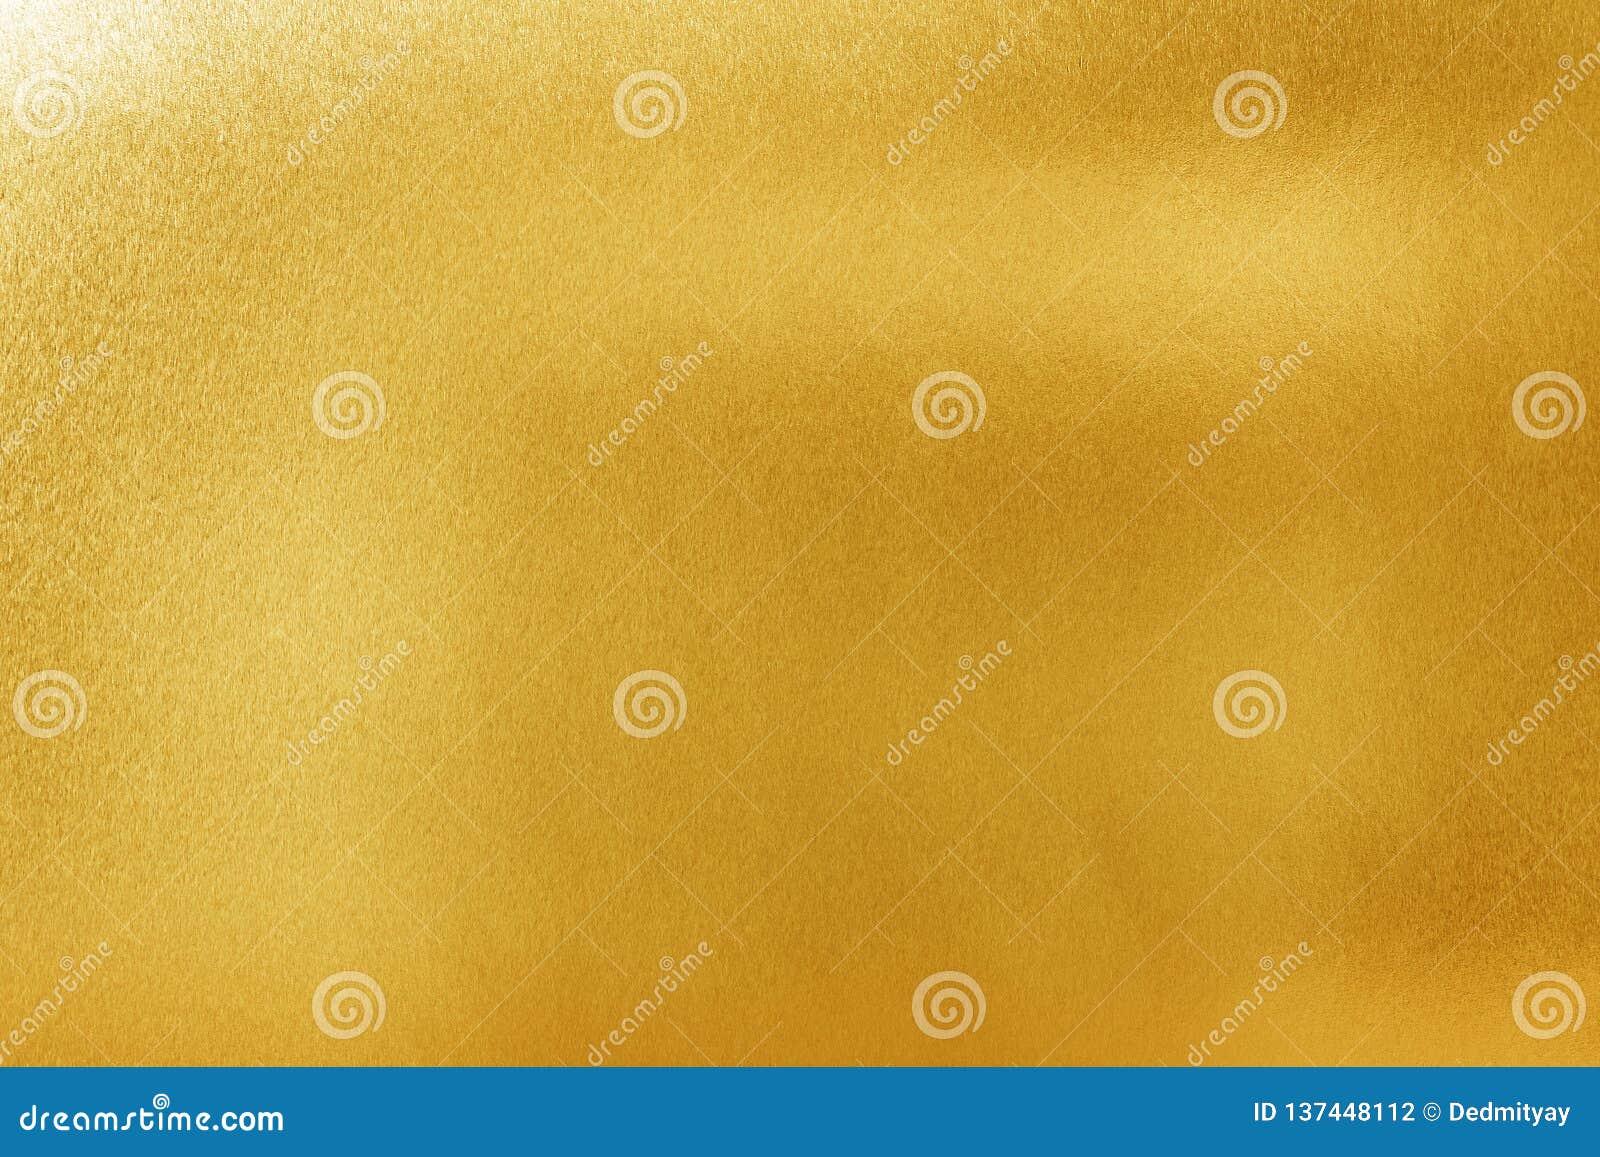 Gouden textuurachtergrond voor ontwerp Glanzend geel metaal of folieoppervlaktemateriaal